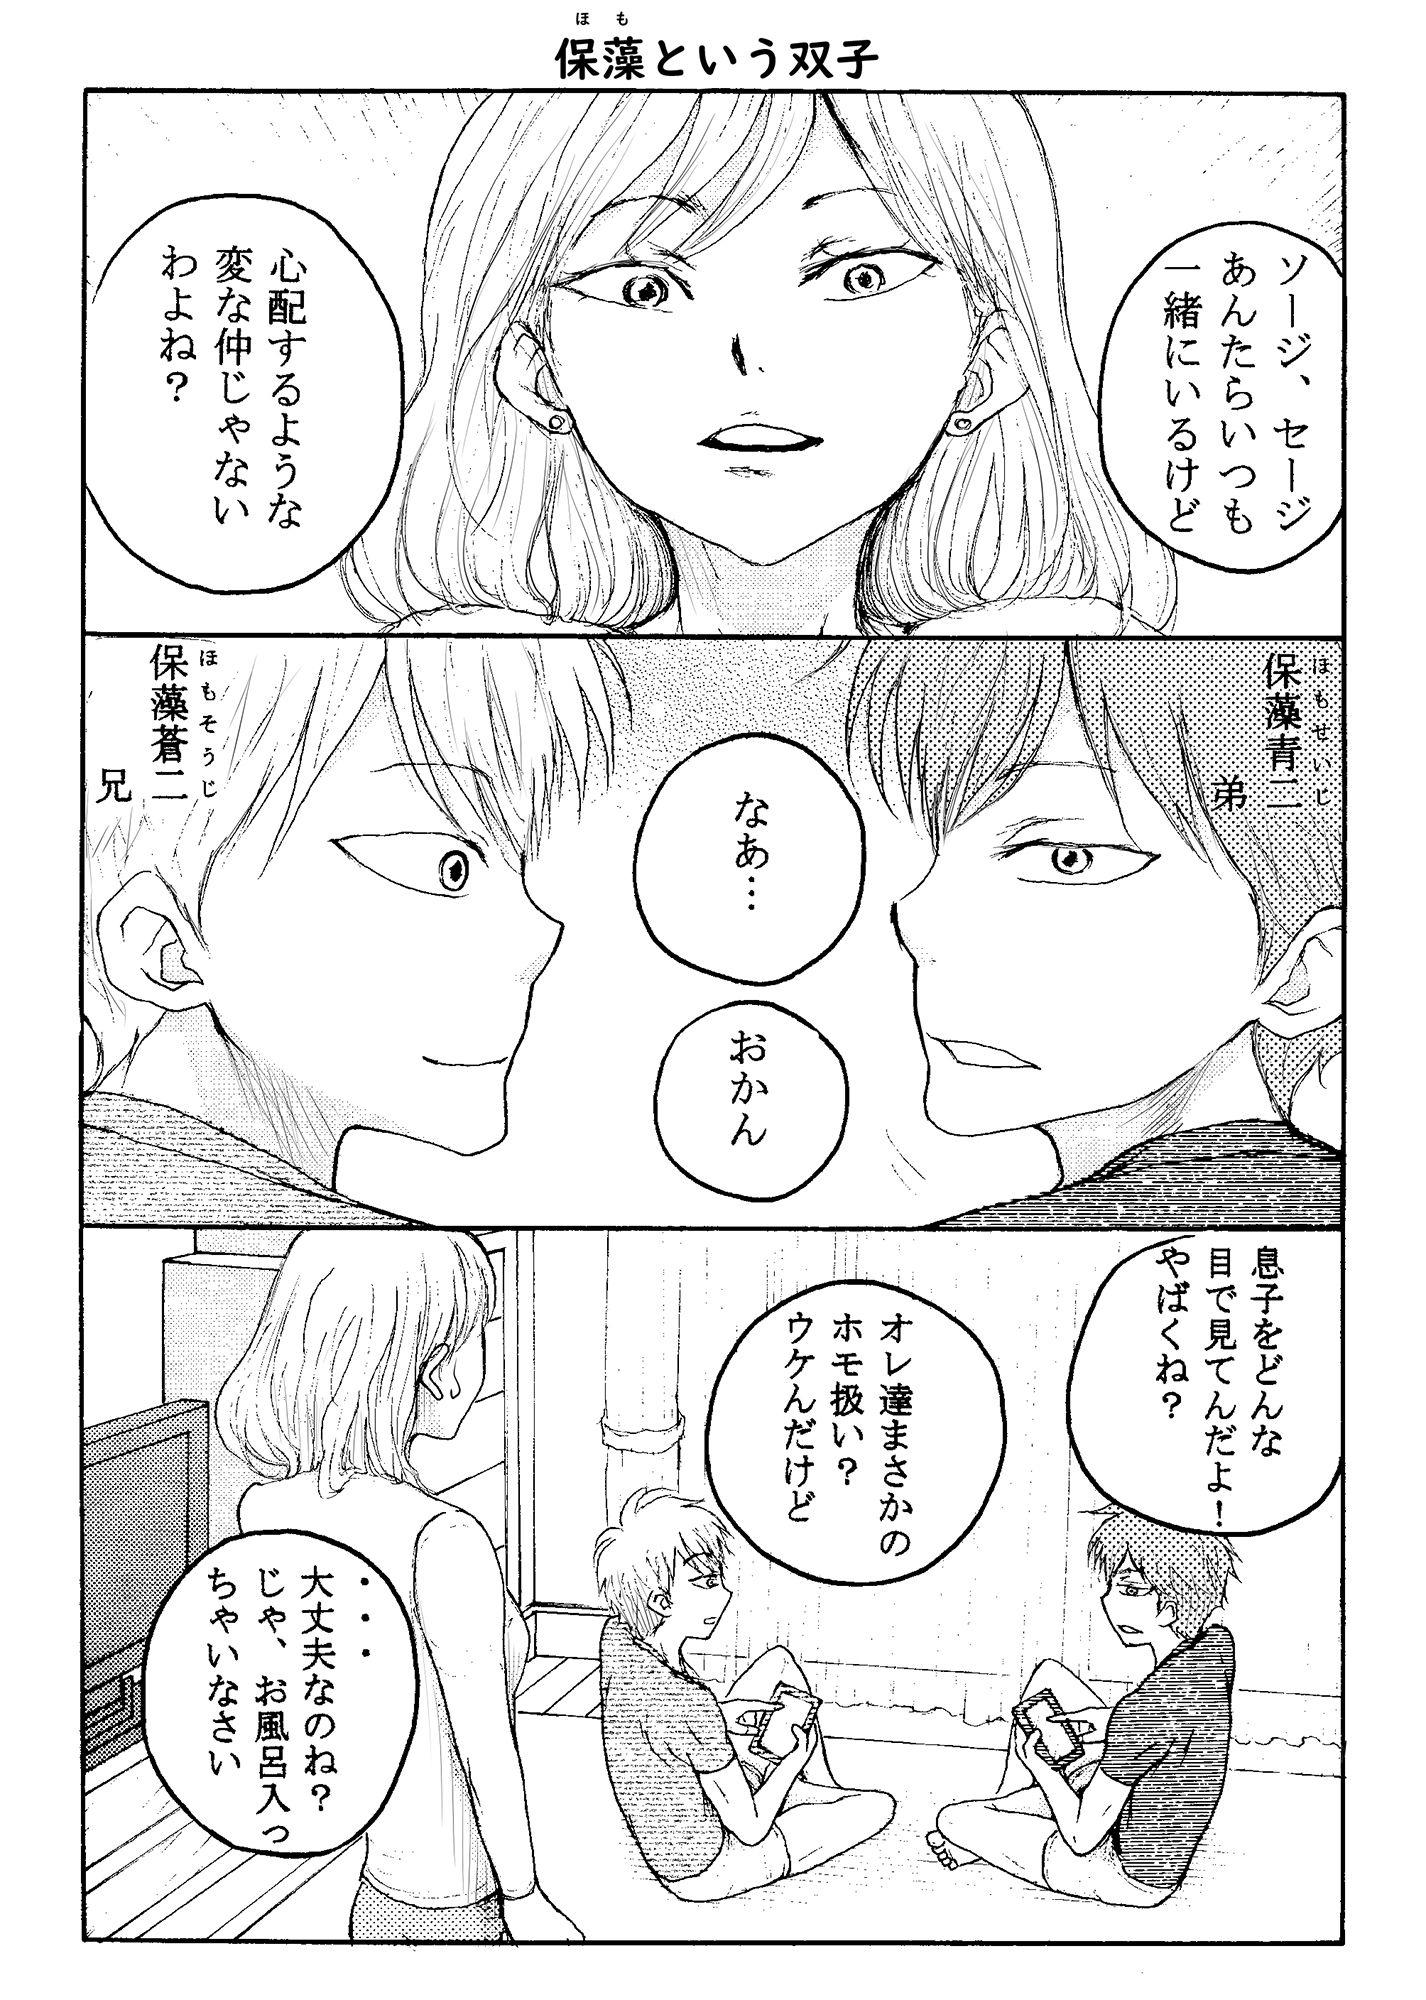 【Bの食卓 同人】ホモ☆双生児